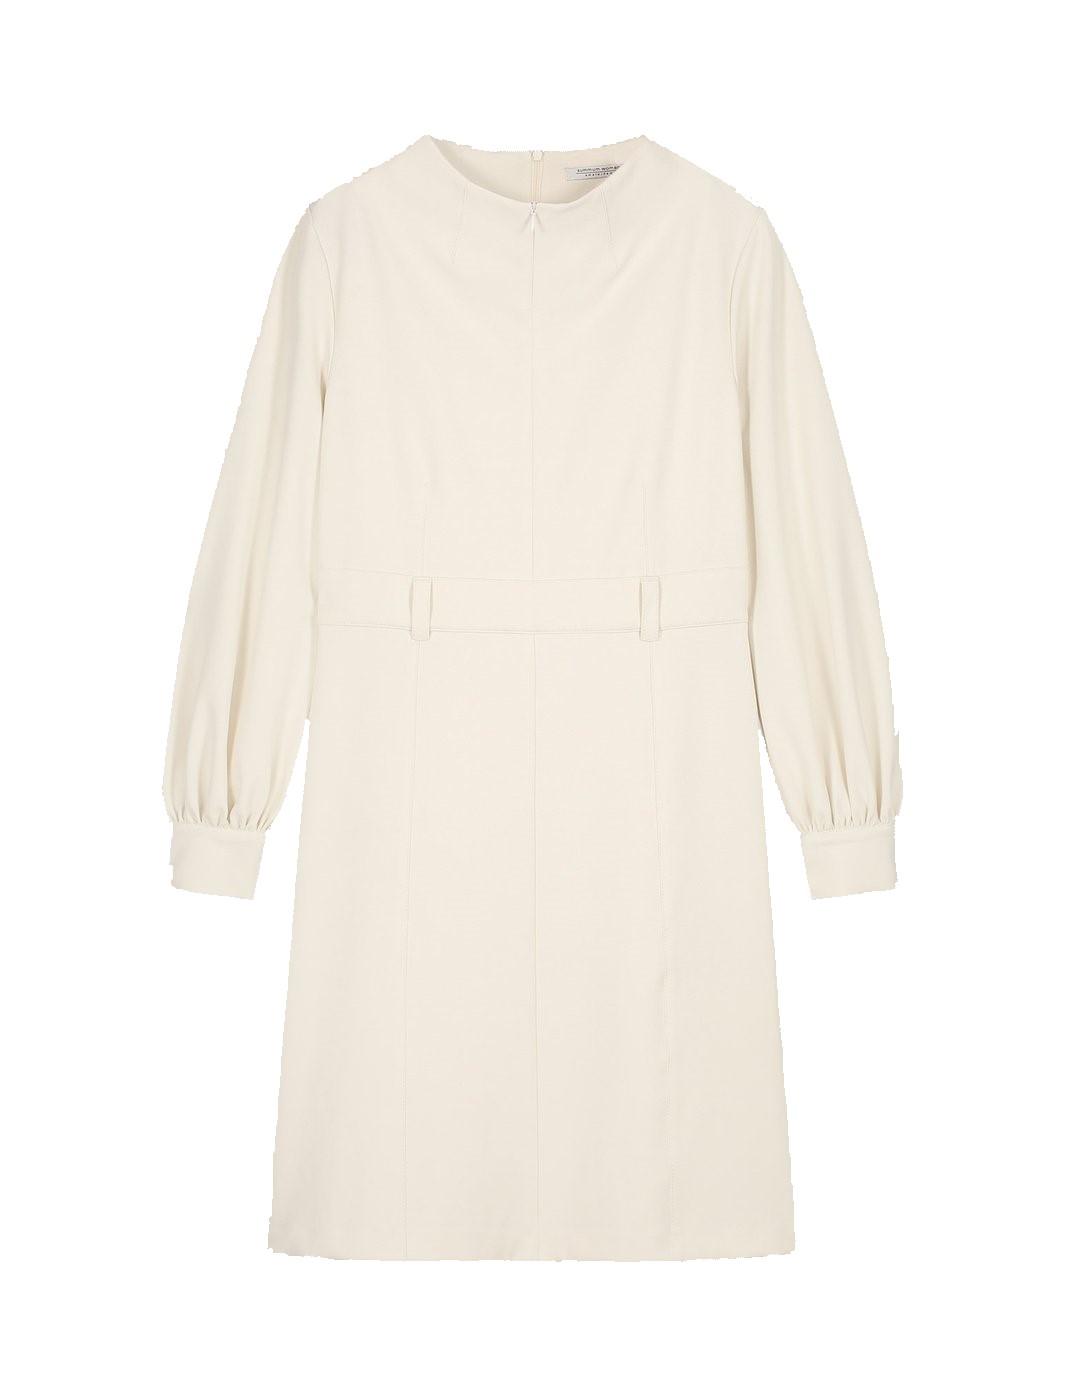 Witte dames jurk Summum - 5S1328 122 ivory